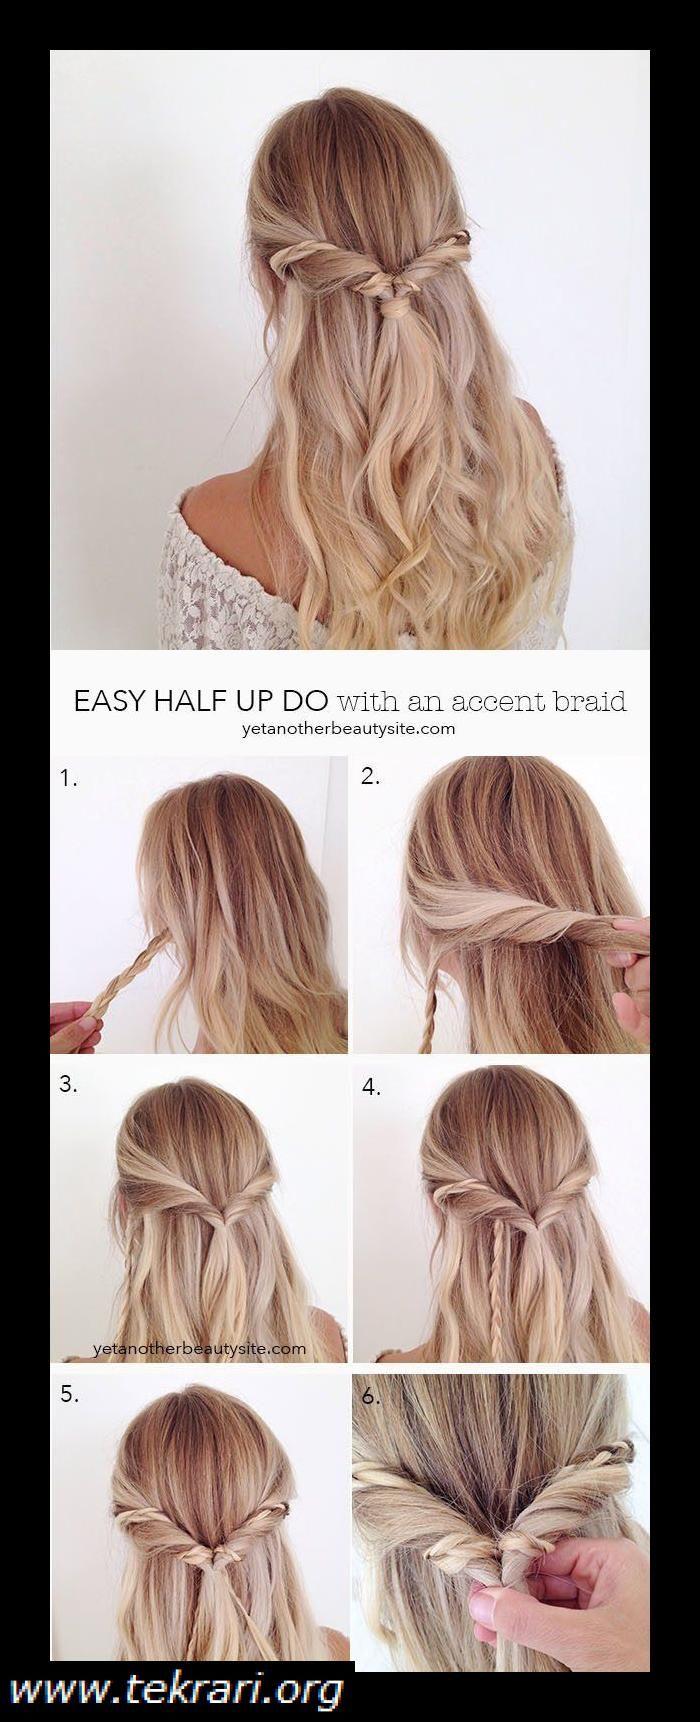 Last Minute Hairstyles For Modern Look Every Day Hair Hair Hairstyles Longhair Shorthair Blondhair Simple Prom Hair Hair Styles Long Hair Styles